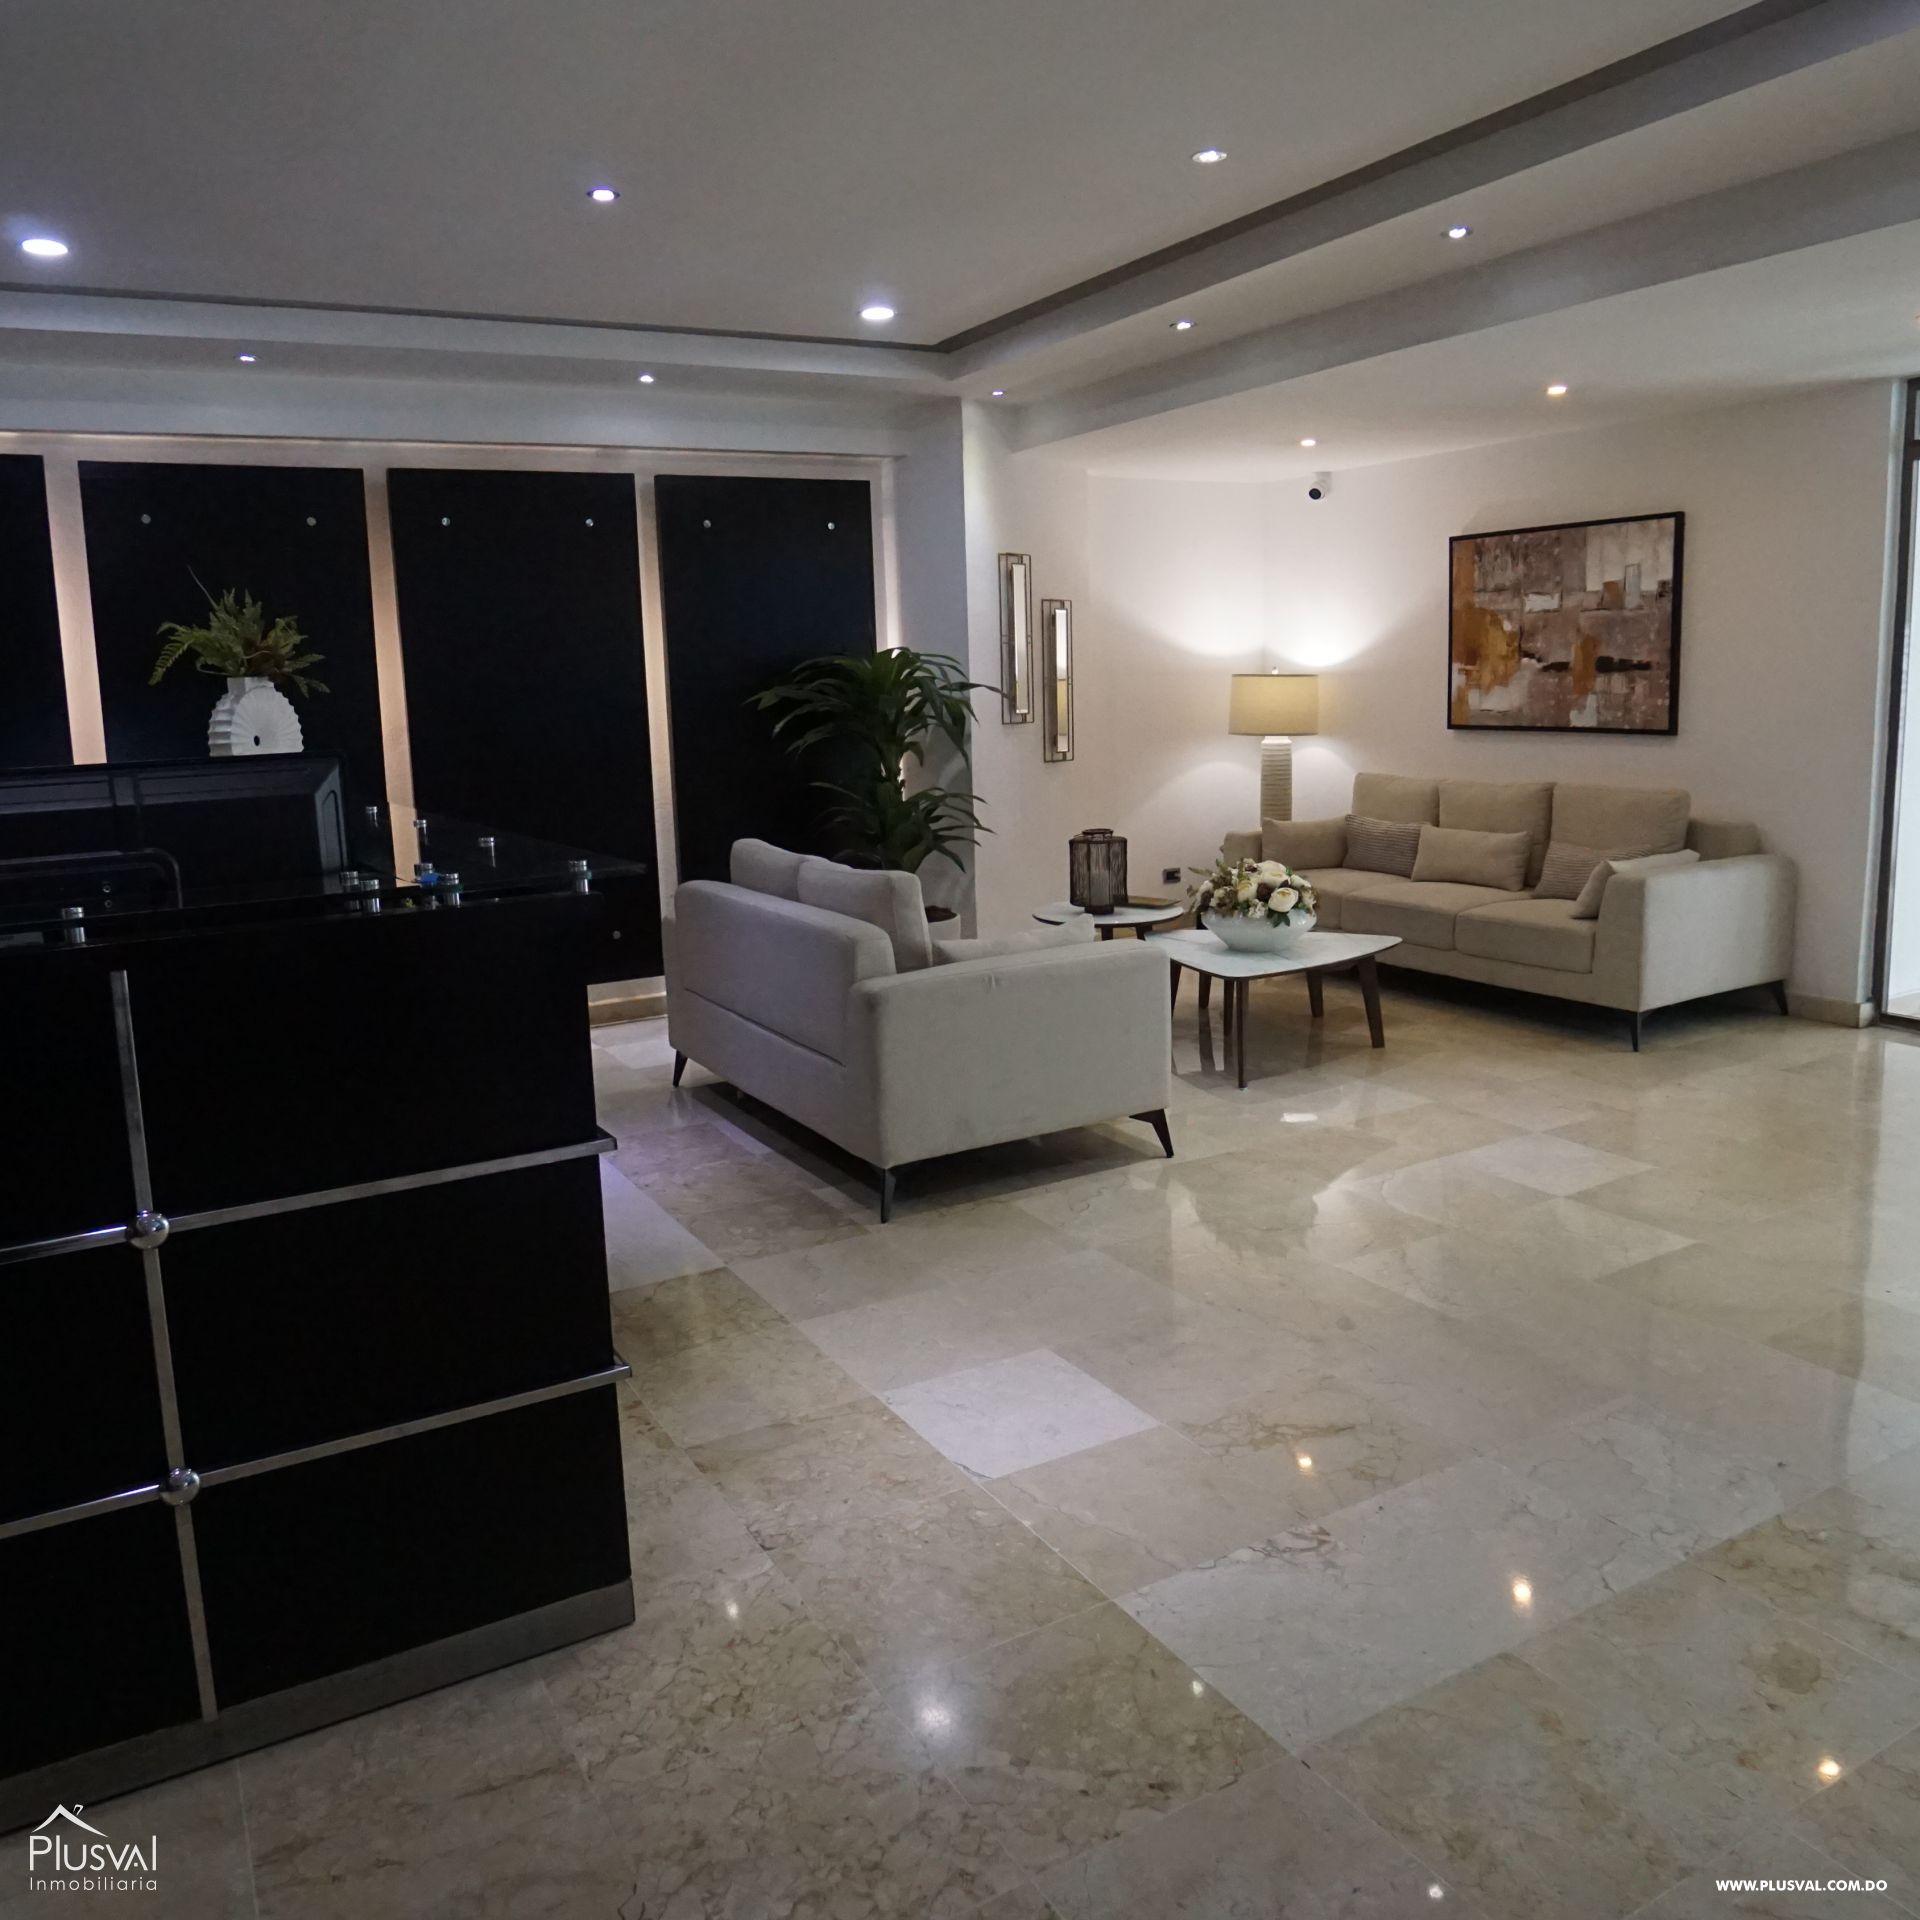 Lujoso apartamento en VENTA en Zona Residencial de NACO 182979